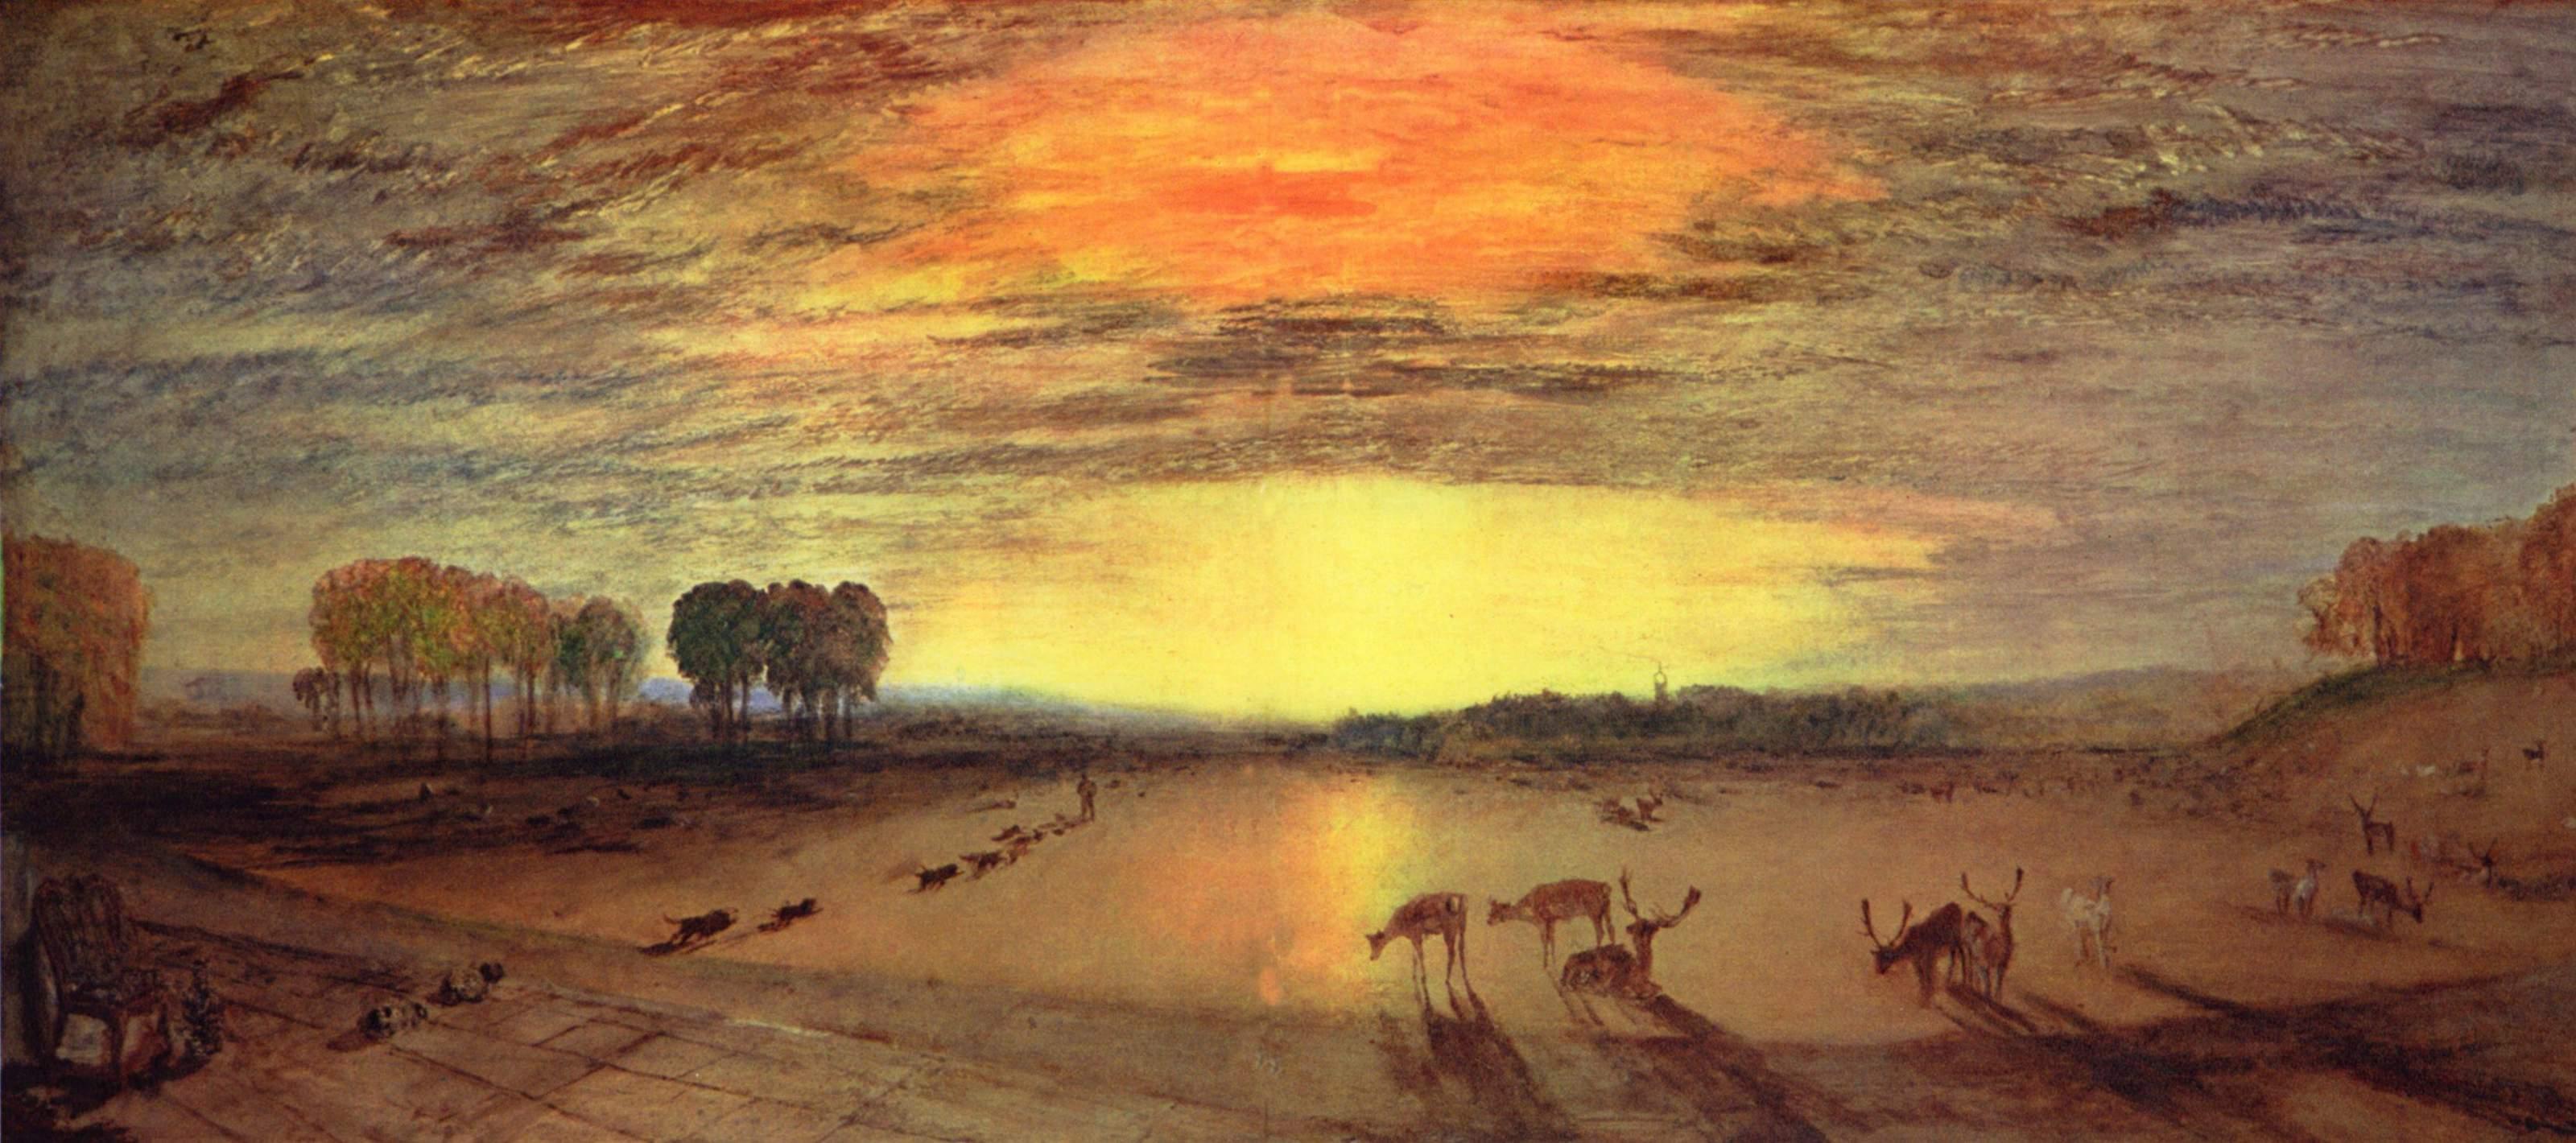 картина < Парк в Петворте, на заднем плане Тиллингтонская церковь >:: Уильям Тёрнер ( William Turner ) - Тёрнер Уйльям фото